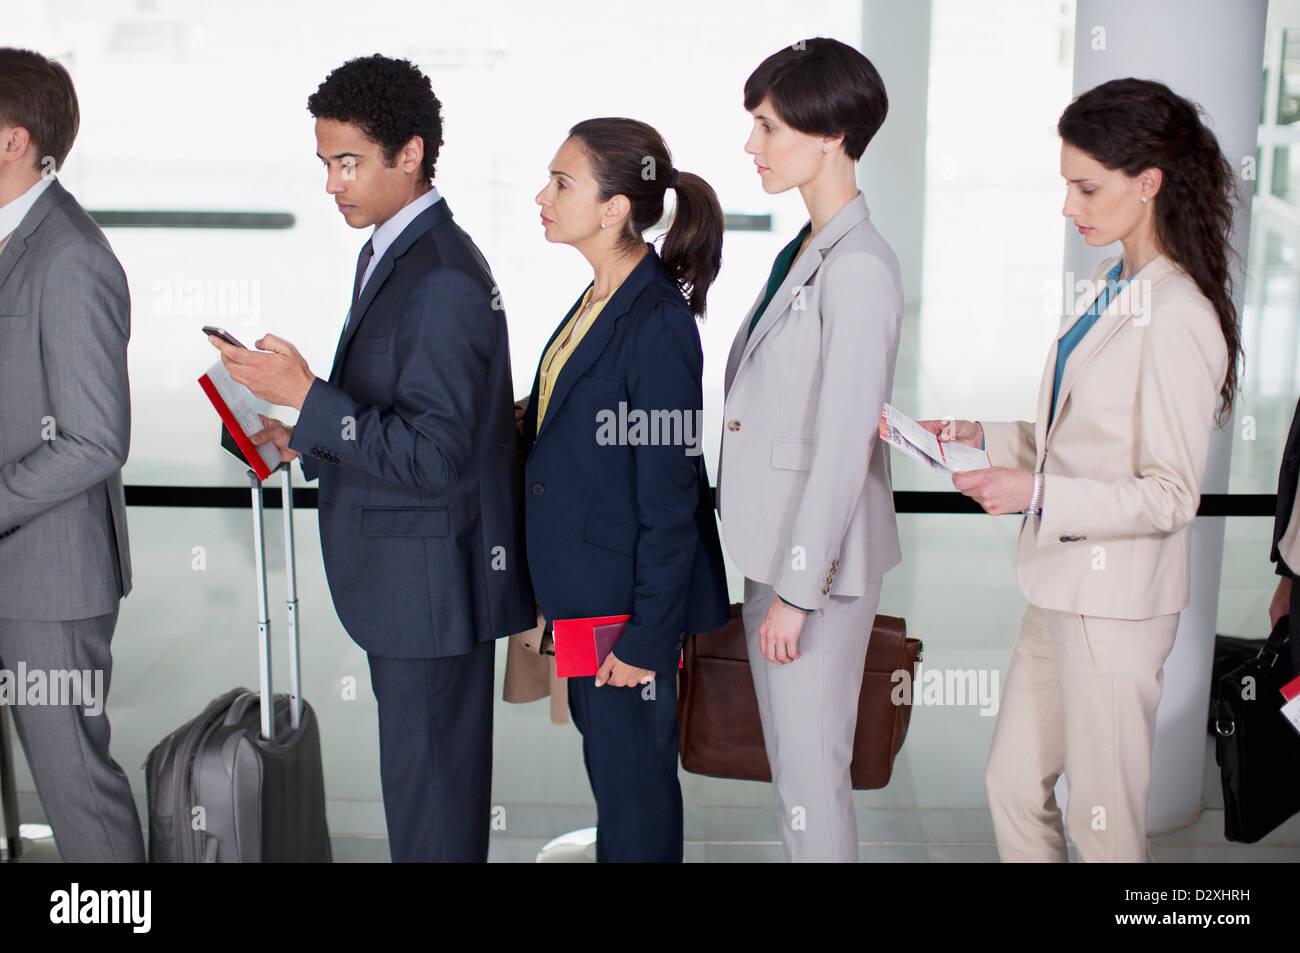 Les gens d'affaires à l'aéroport dans la file d'attente permanent Photo Stock